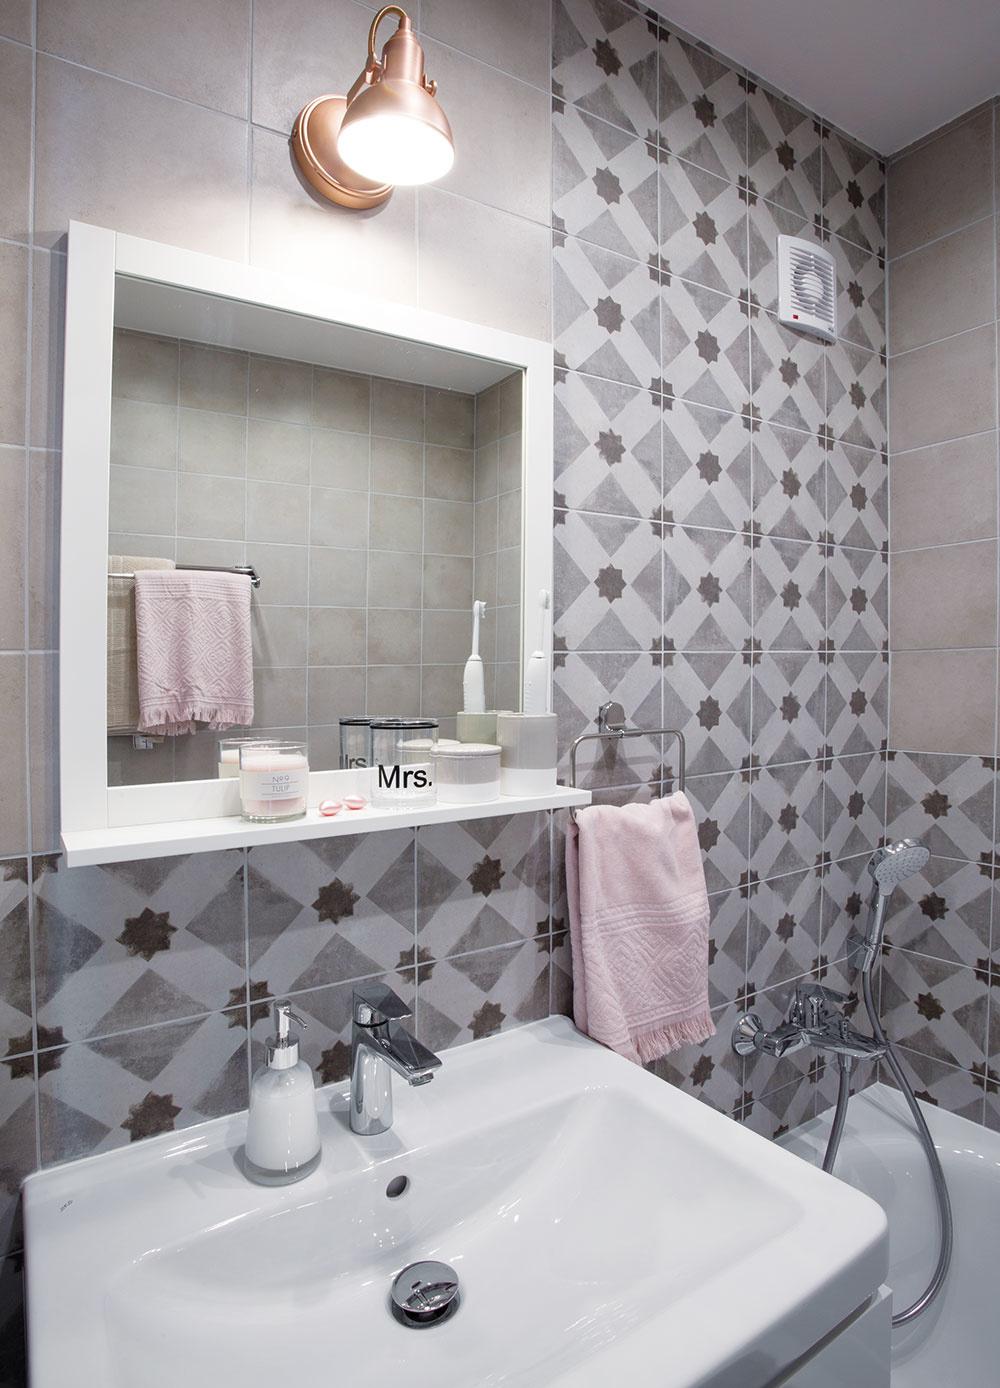 Dekoratívny obklad síce kúpeľňu opticky nezväčšil, ale opäť išlo ovytvorenie hrejivého prostredia.